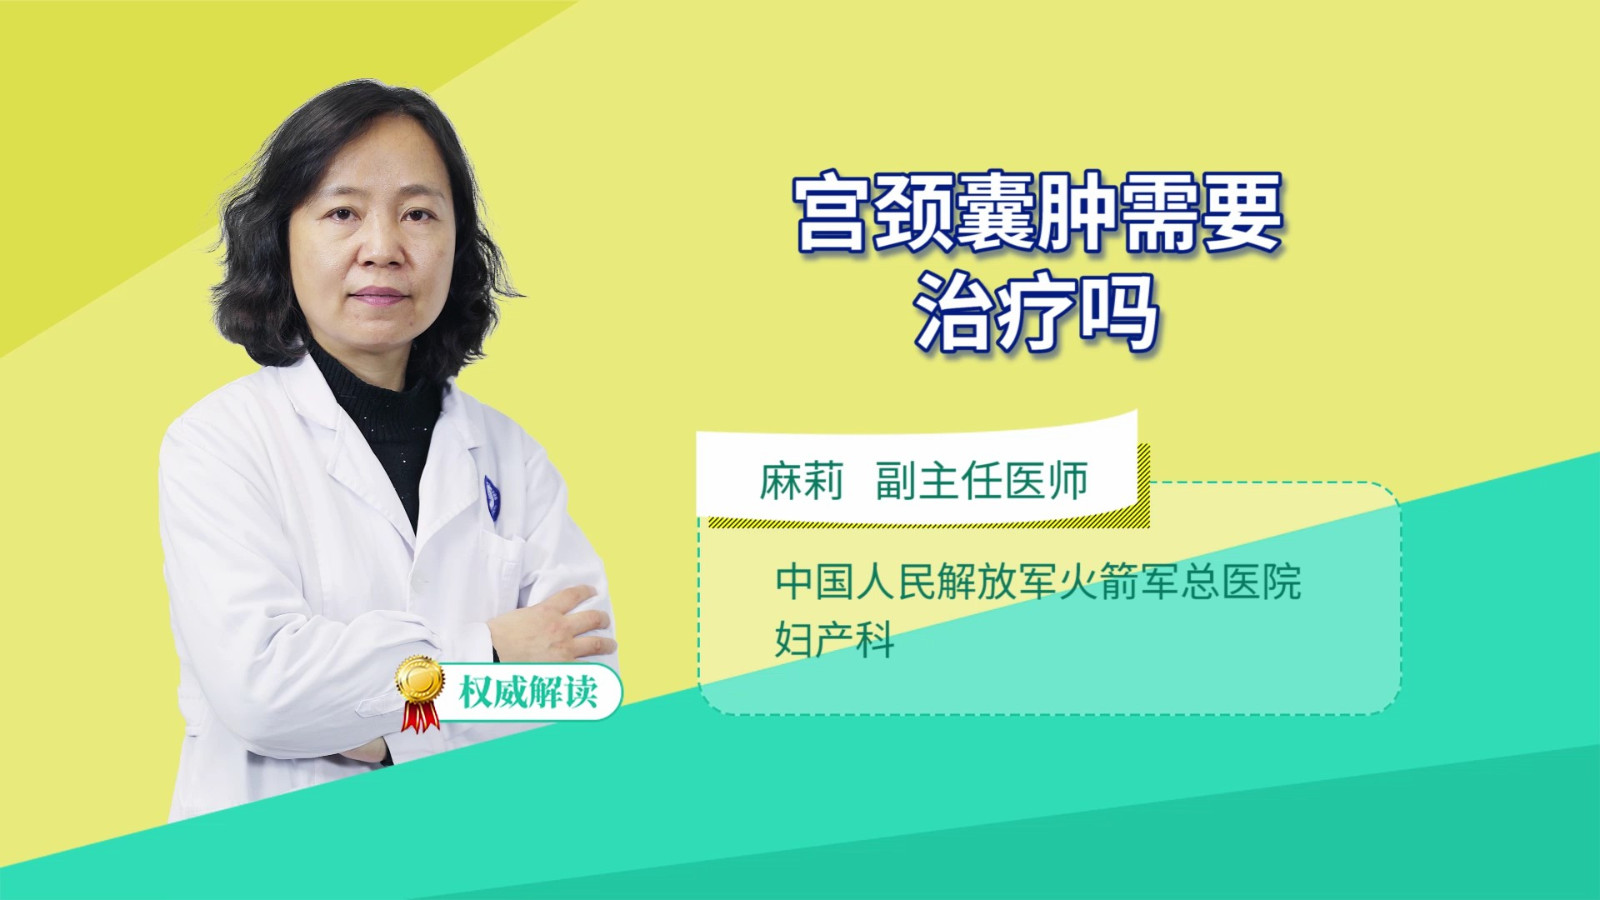 宮頸囊腫需要治療嗎